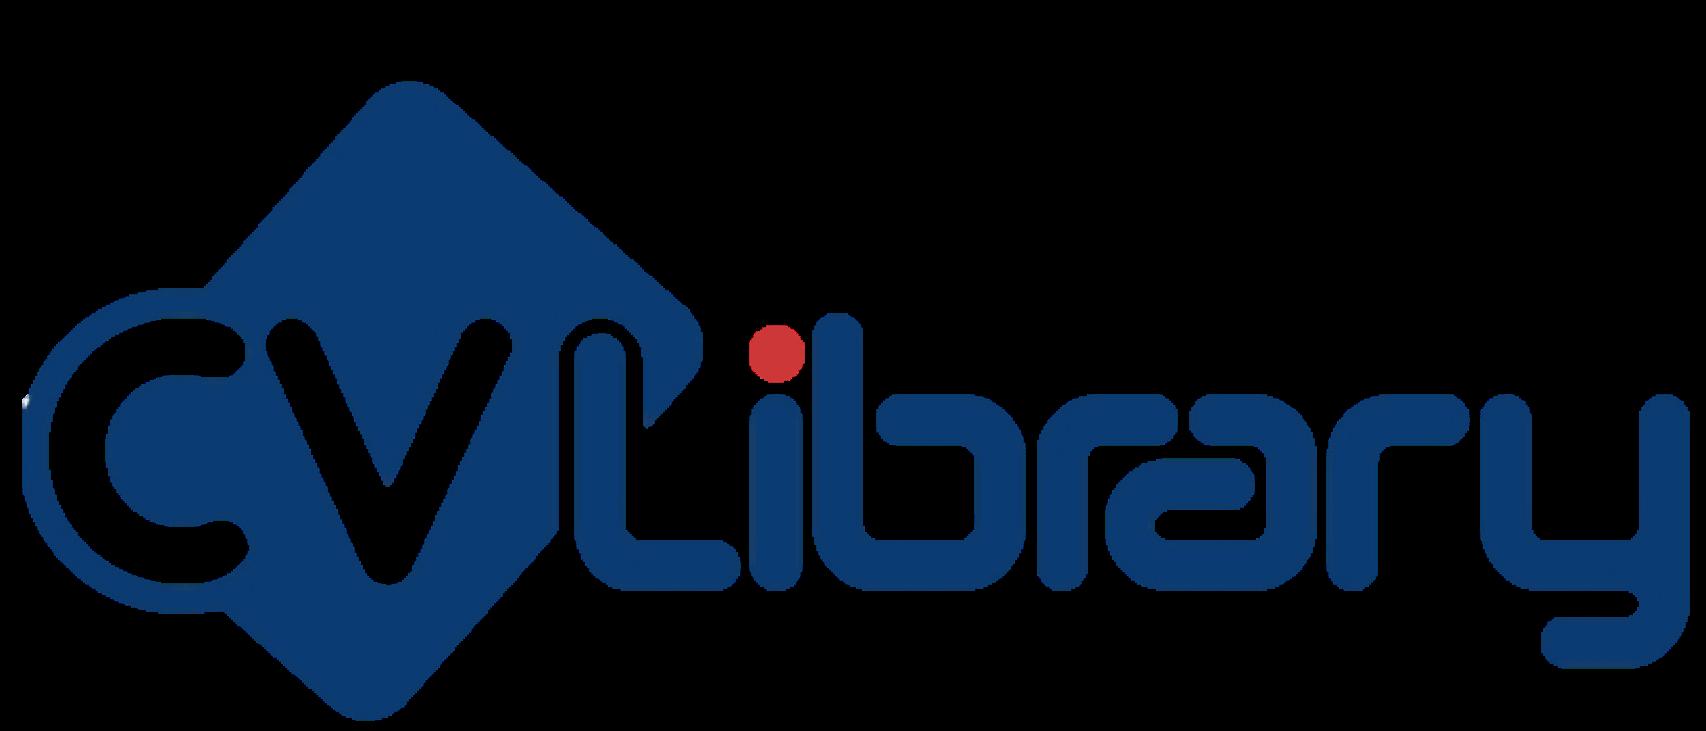 CV_library_logo